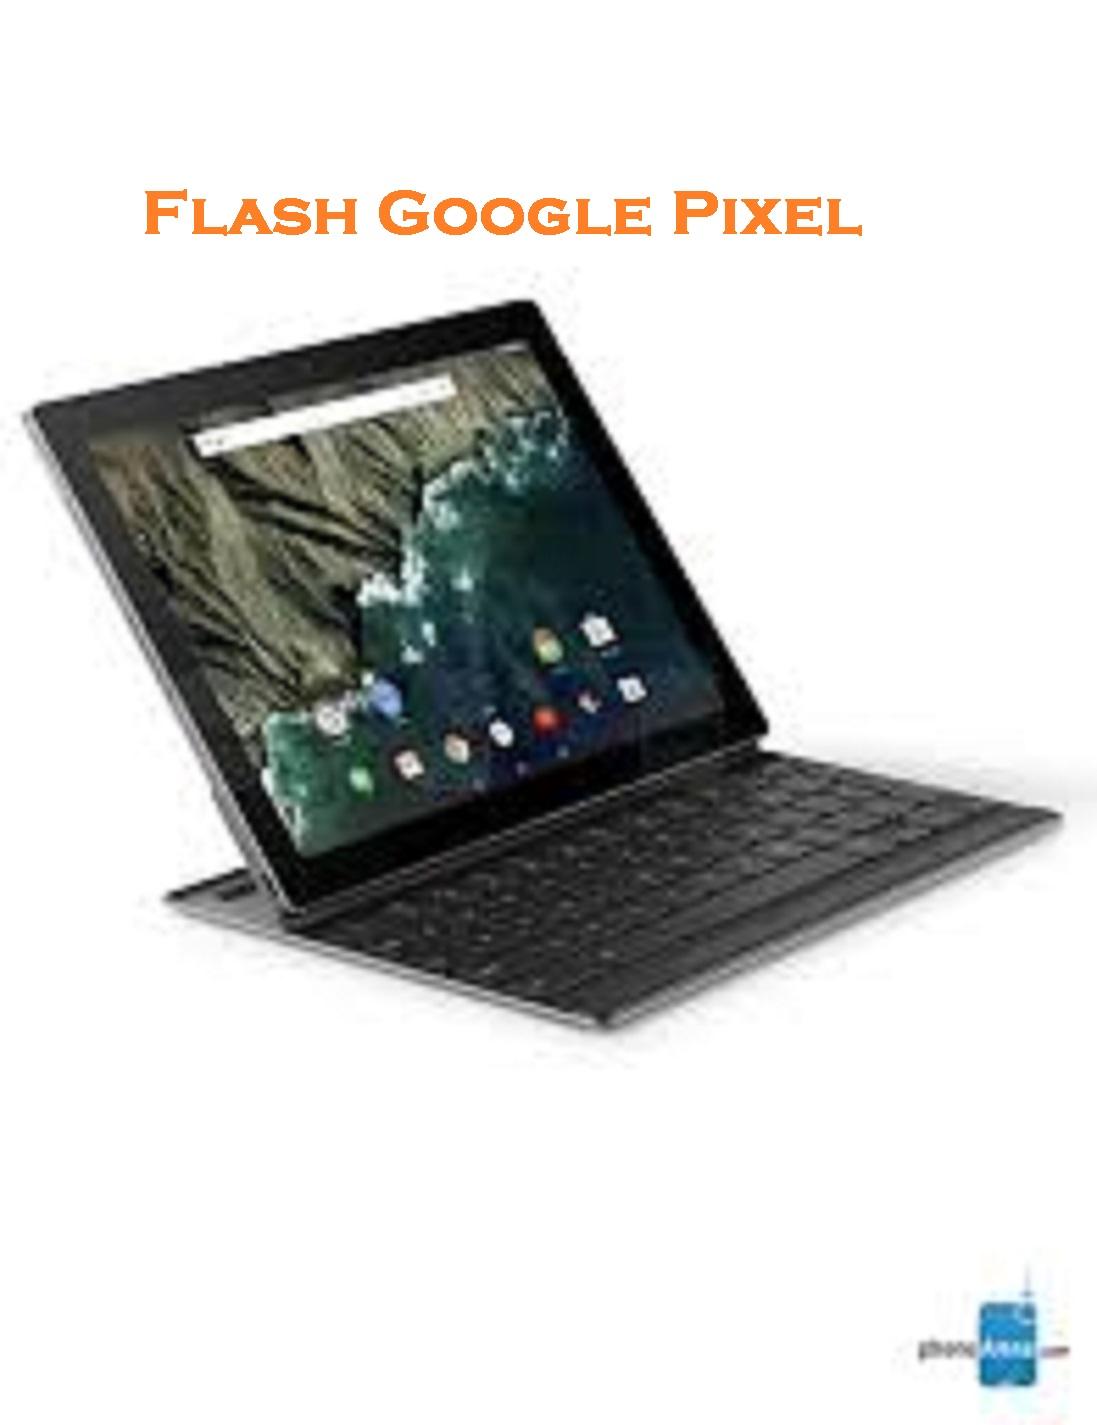 comment faire pour flash twrp sur google pixel c cours r paration. Black Bedroom Furniture Sets. Home Design Ideas